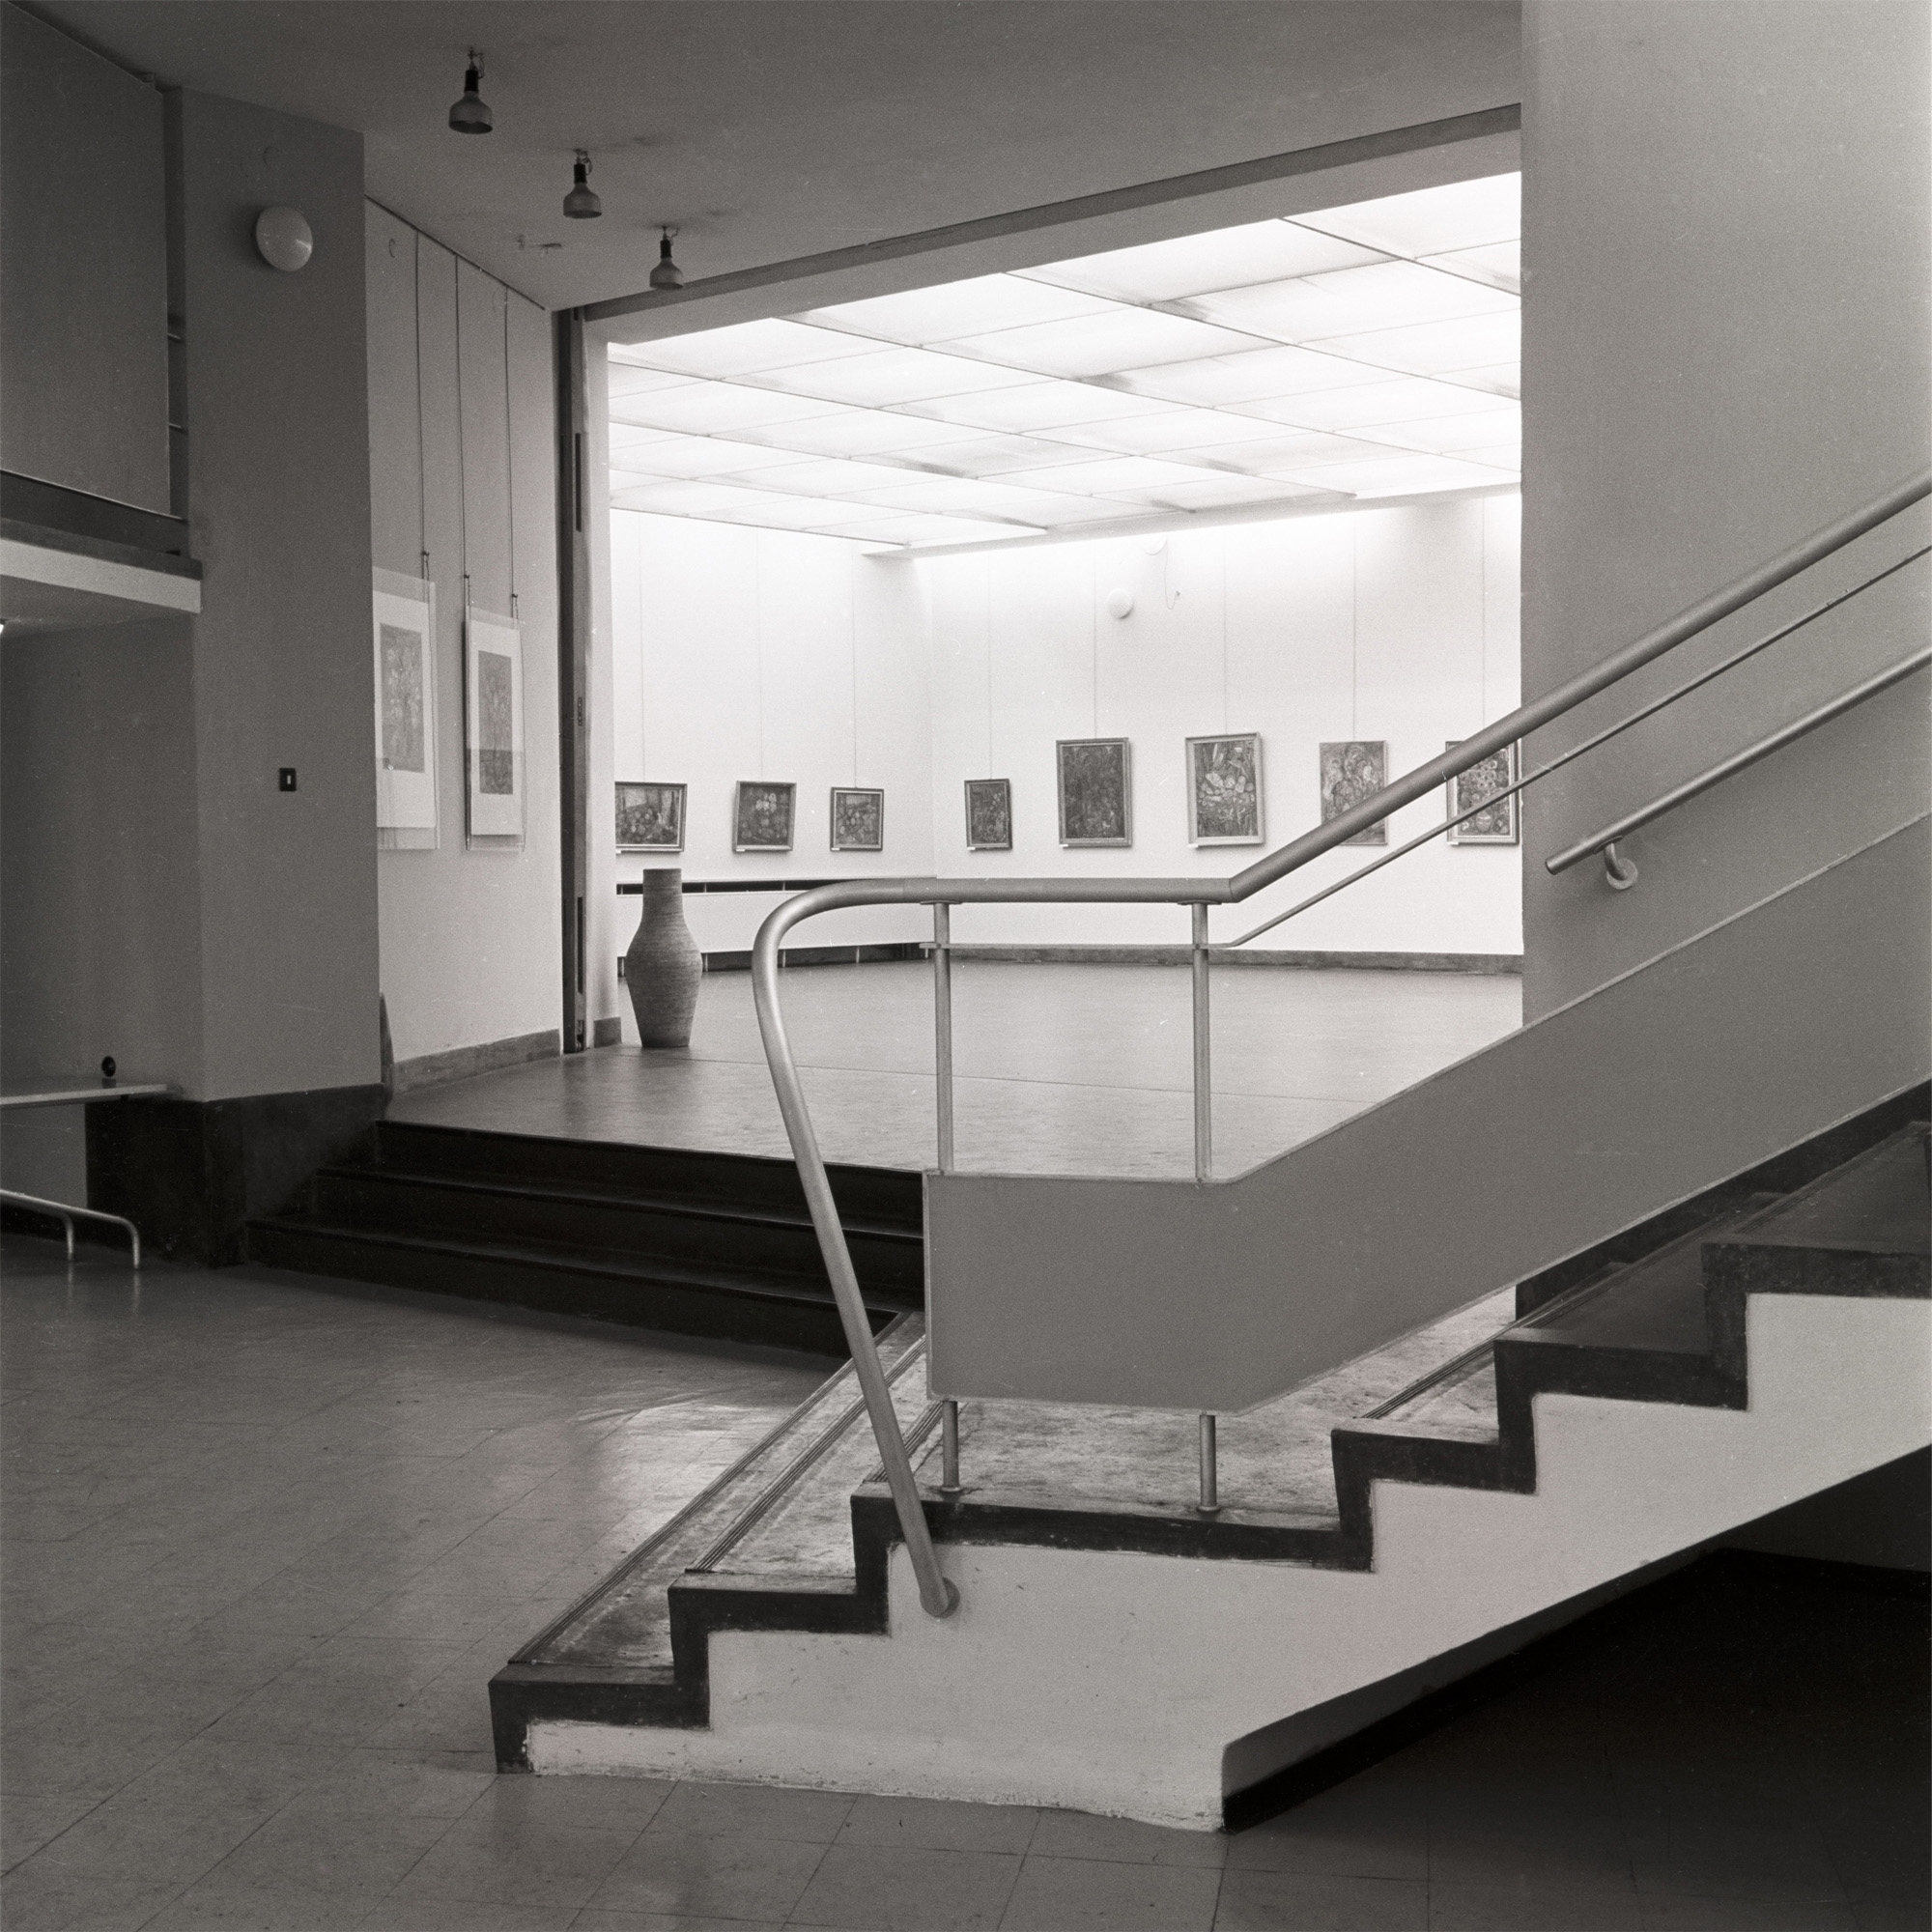 Hol główny MPW, wtle sala wystawiennicza, lata 60. XX wieku, fot.D. Zawadzki, zarchiwum własnego artysty.